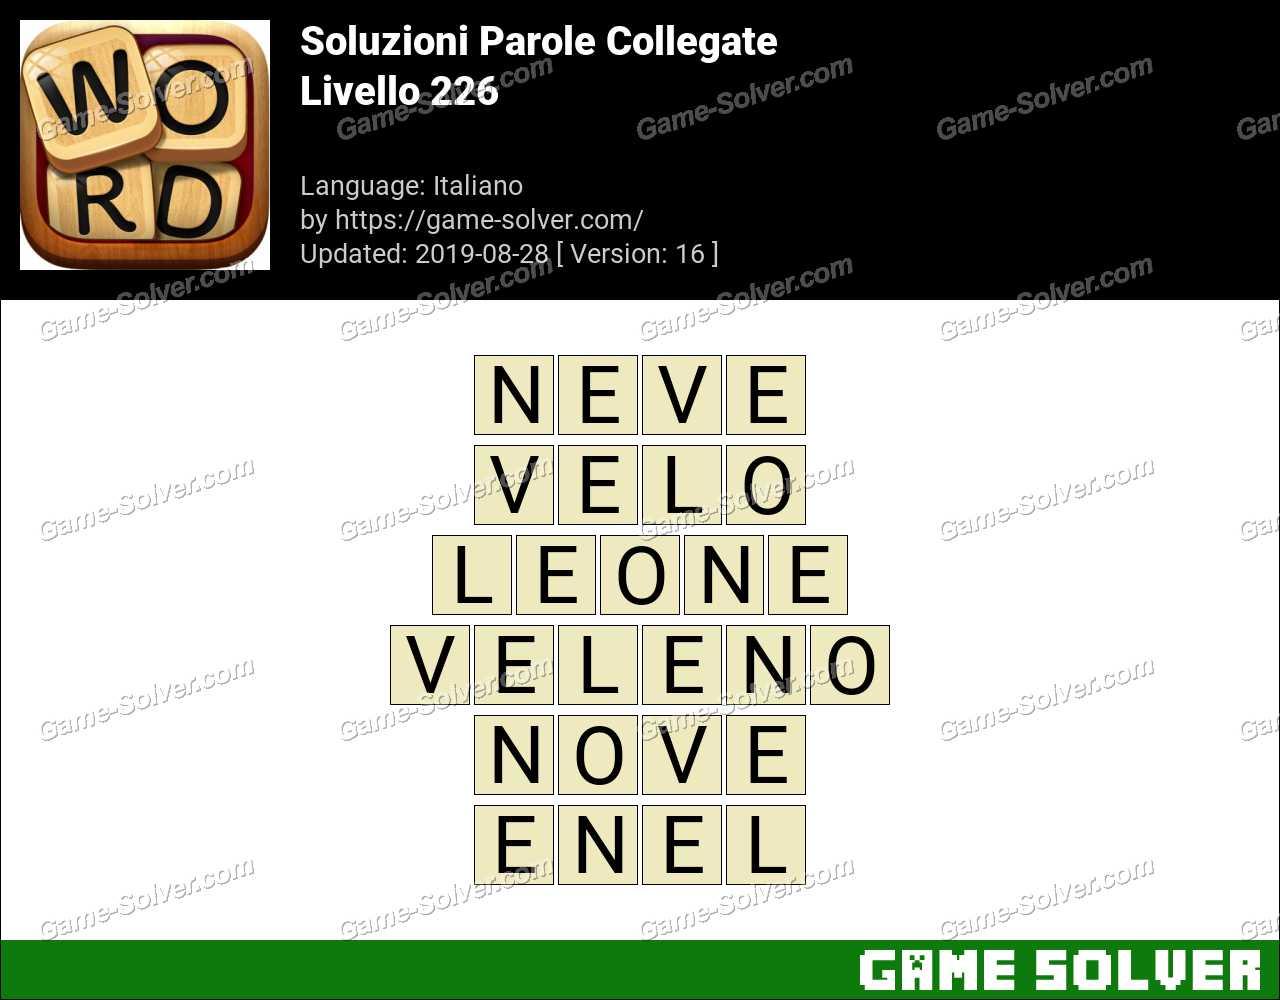 Soluzioni Parole Collegate Livello 226